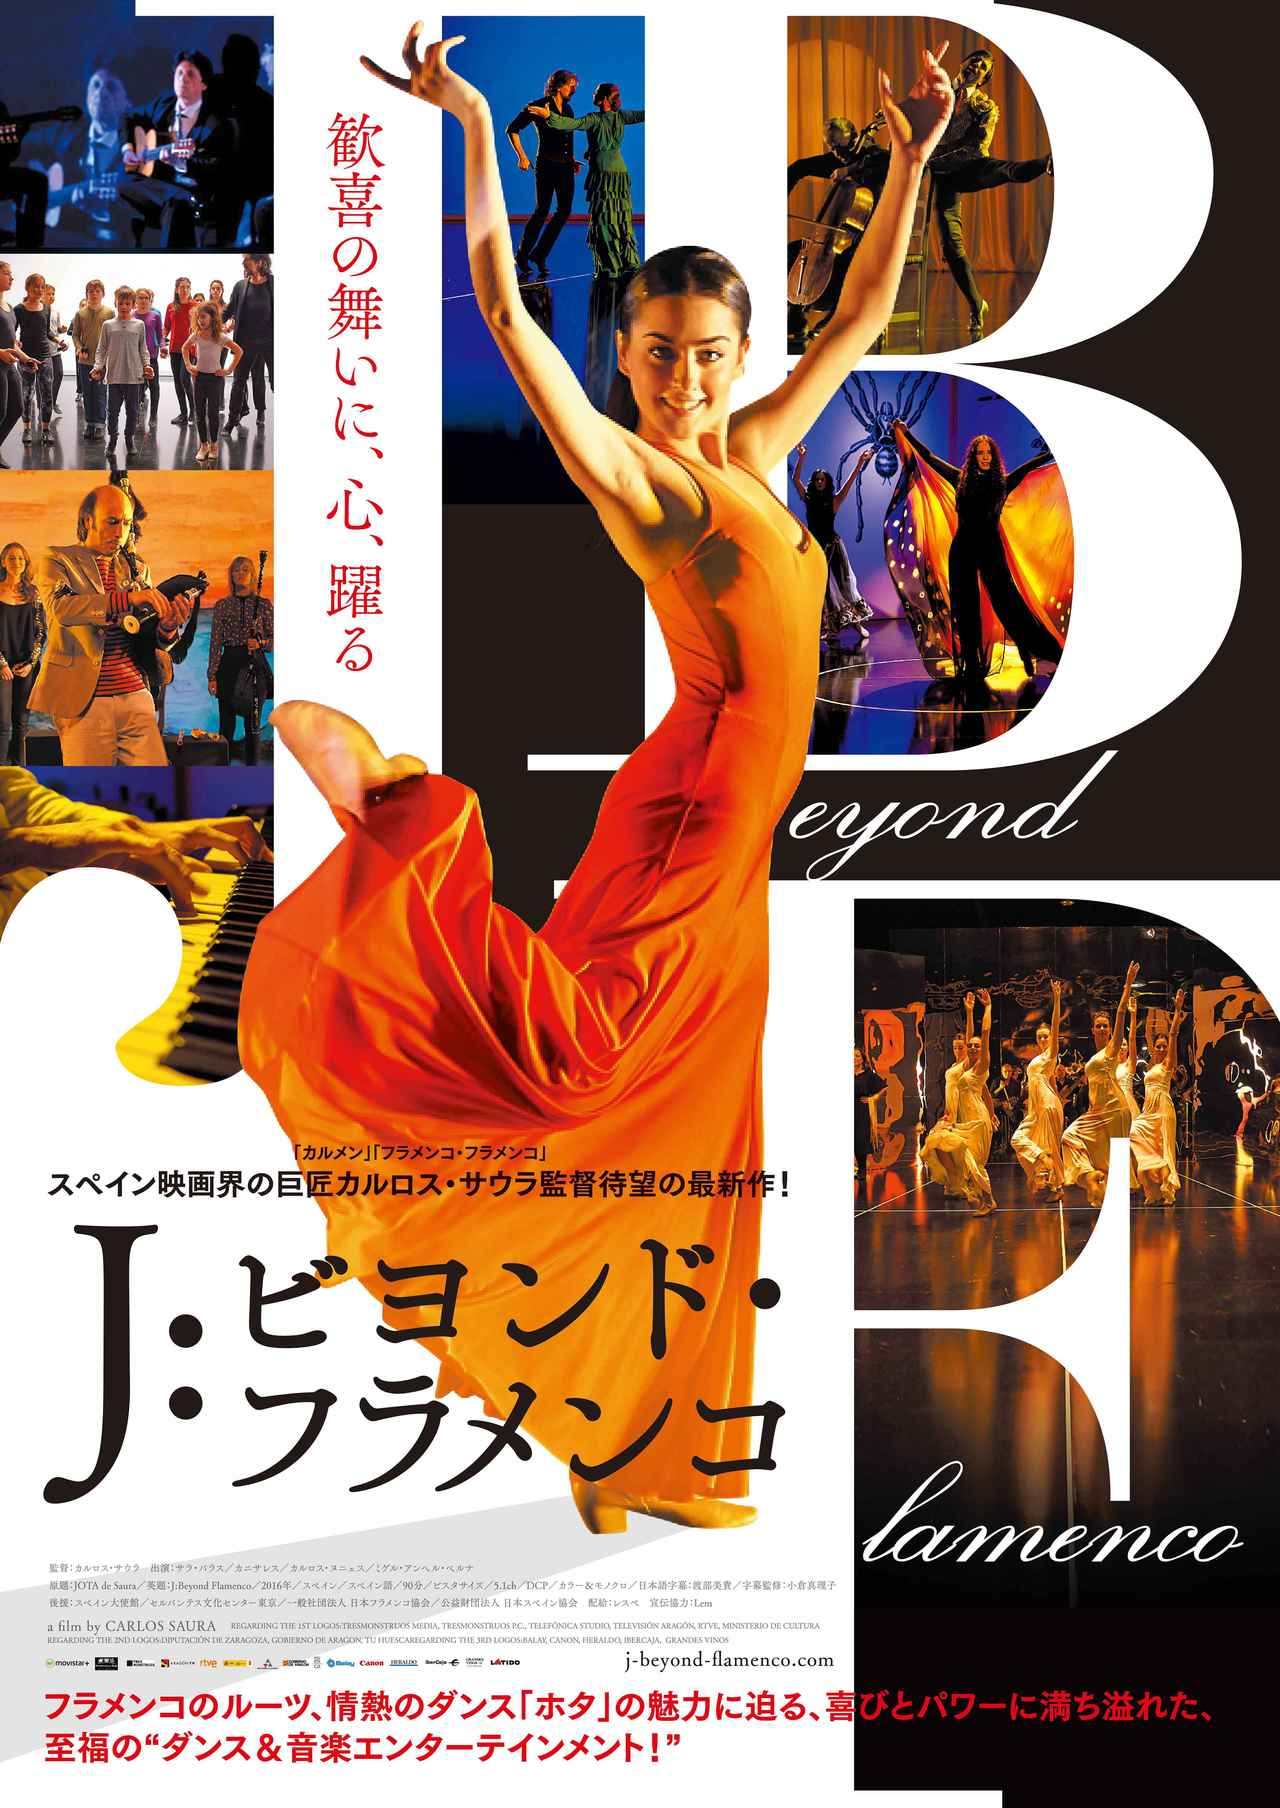 画像: 85歳の巨匠が描く至福のダンス&音楽エンターテインメント! 『J:ビヨンド・フラメンコ』11月25日(土)公開決定